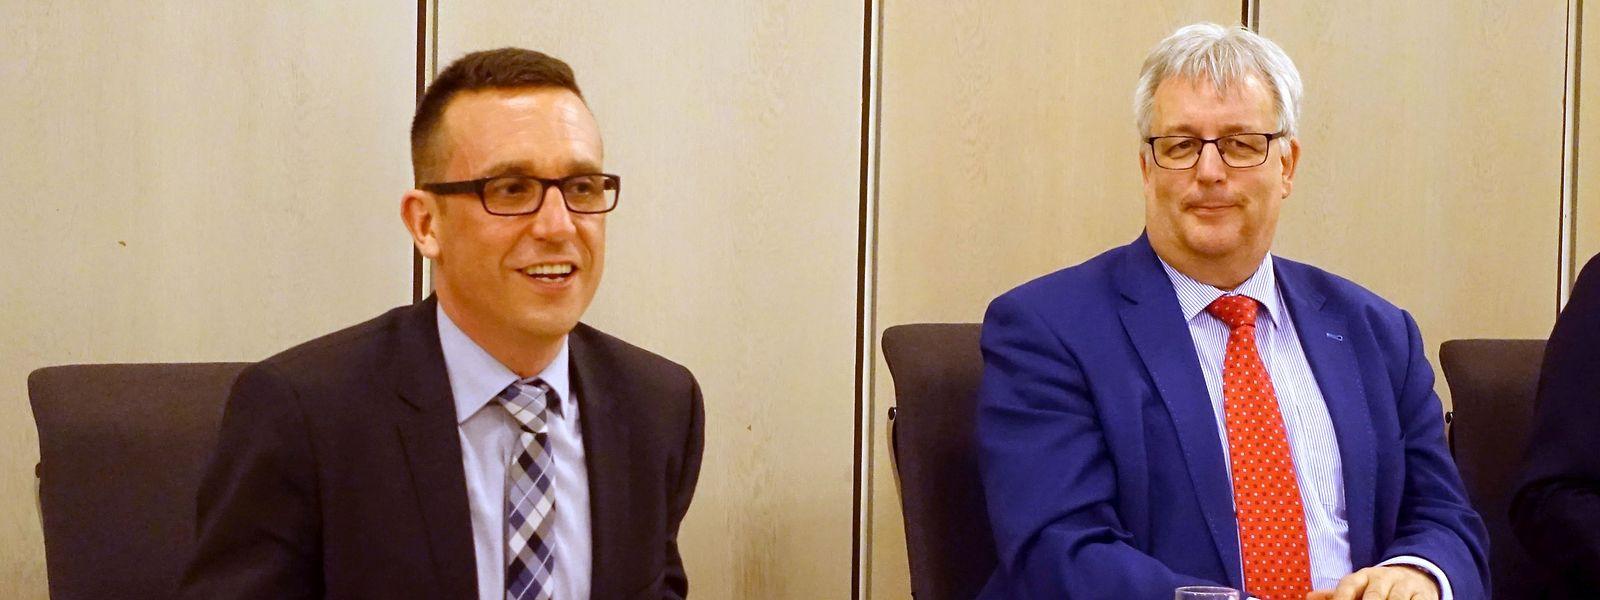 Thomas Schmitt (links) am Abend seiner Wahl im März 2017.